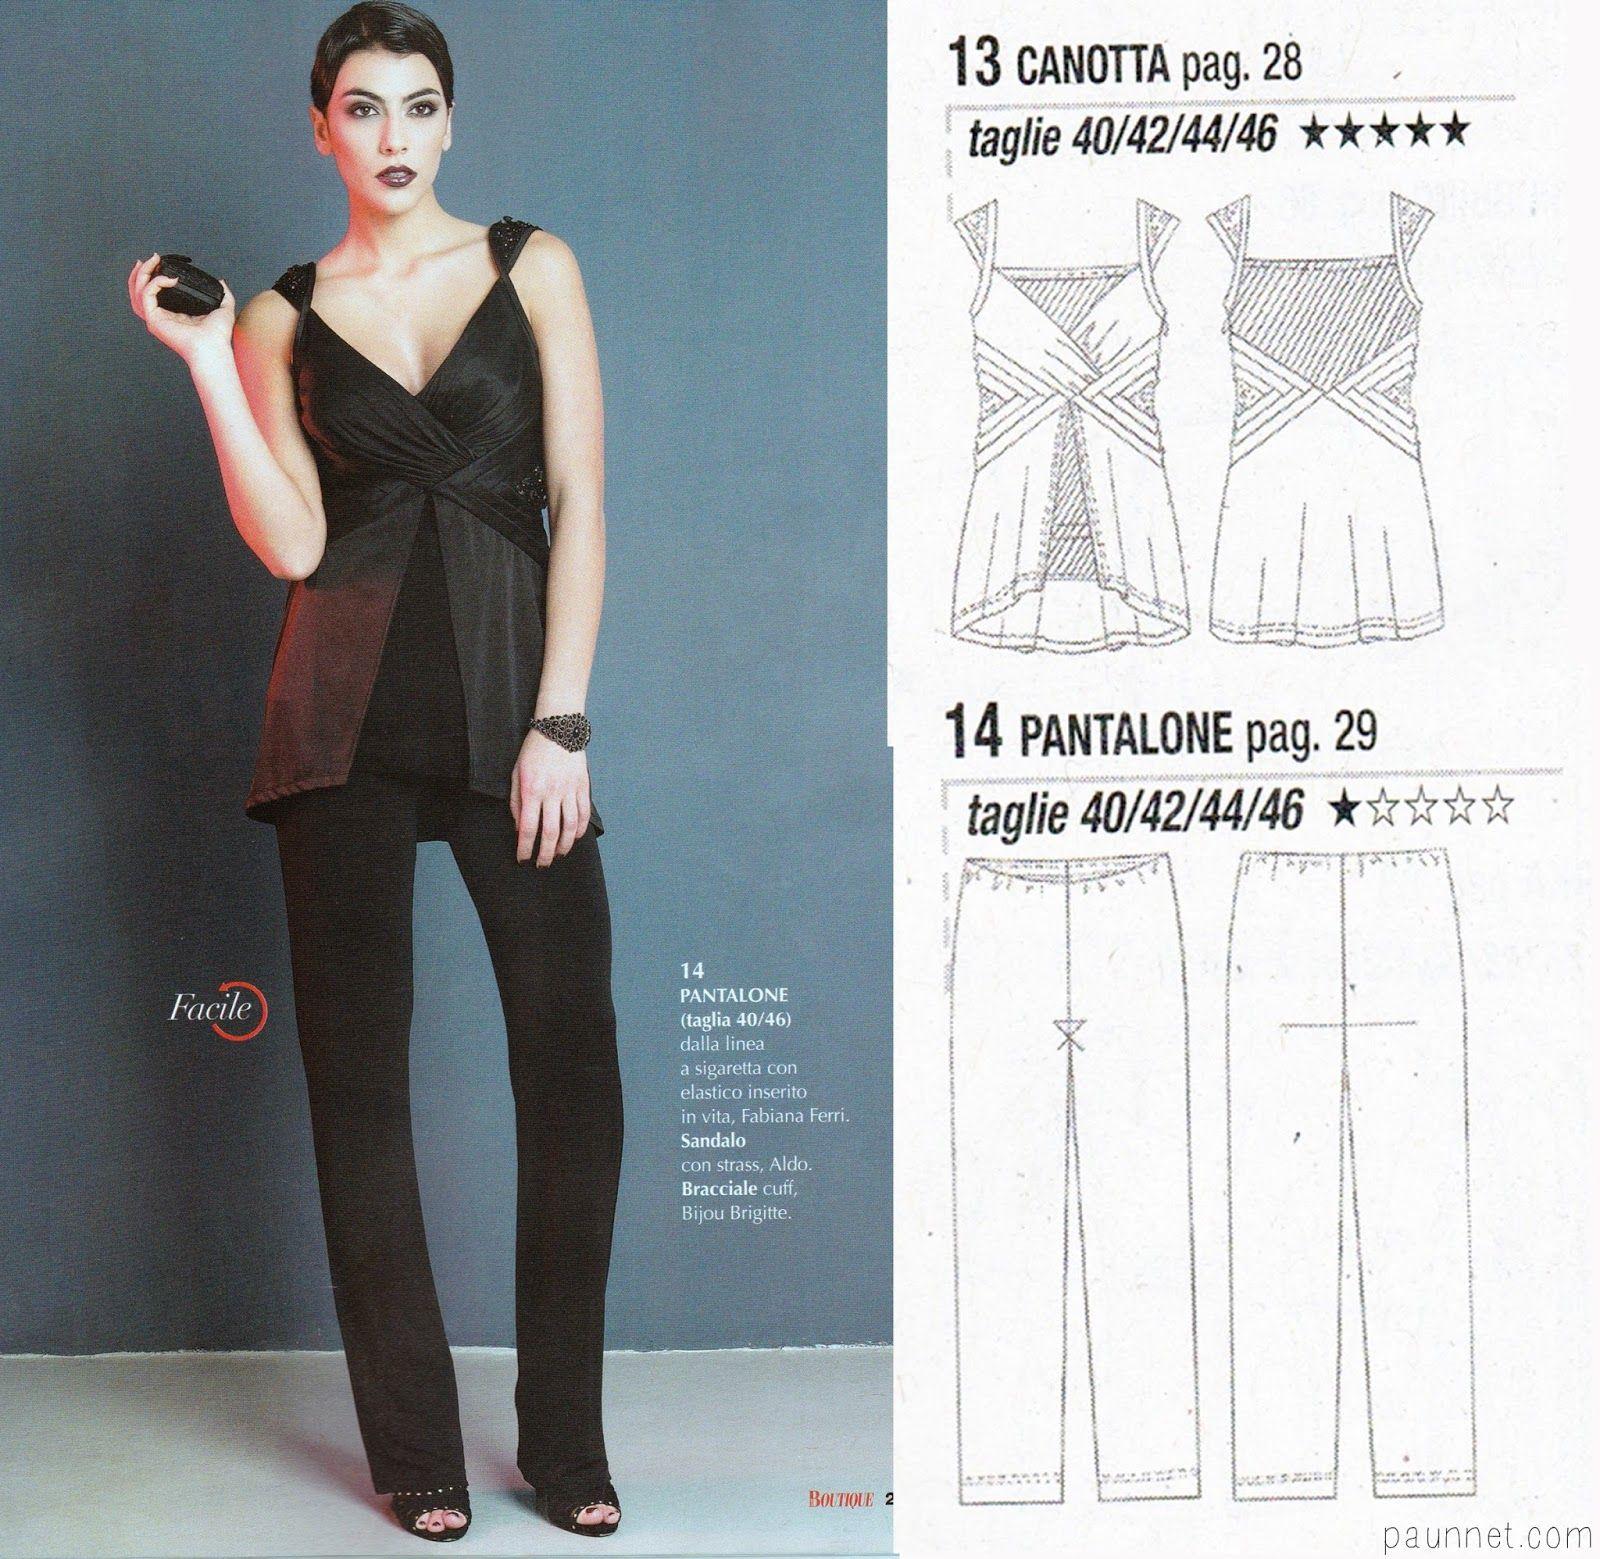 Paunnet la mia boutique 032014 easy sewing patterns paunnet la mia boutique 032014 jeuxipadfo Image collections